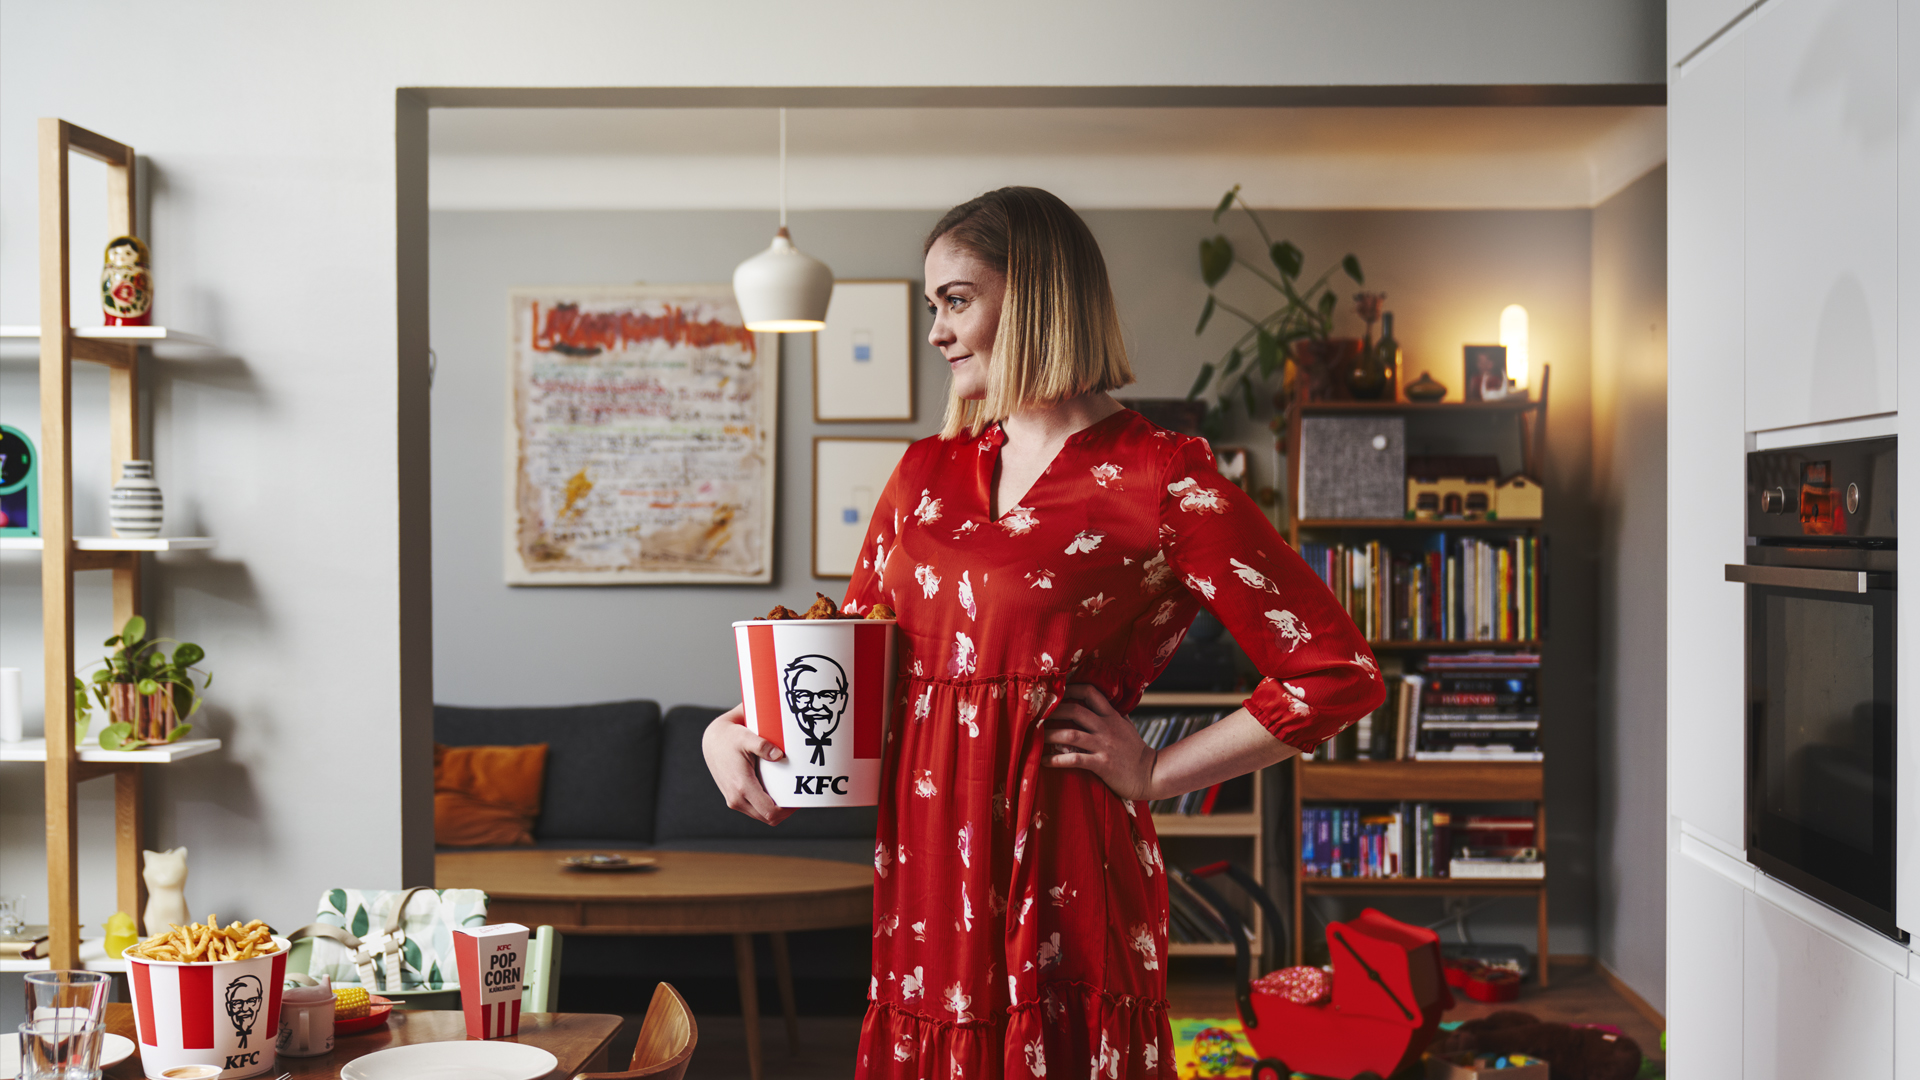 Auglýsingaherferð fyrir KFC - Uppáhalds